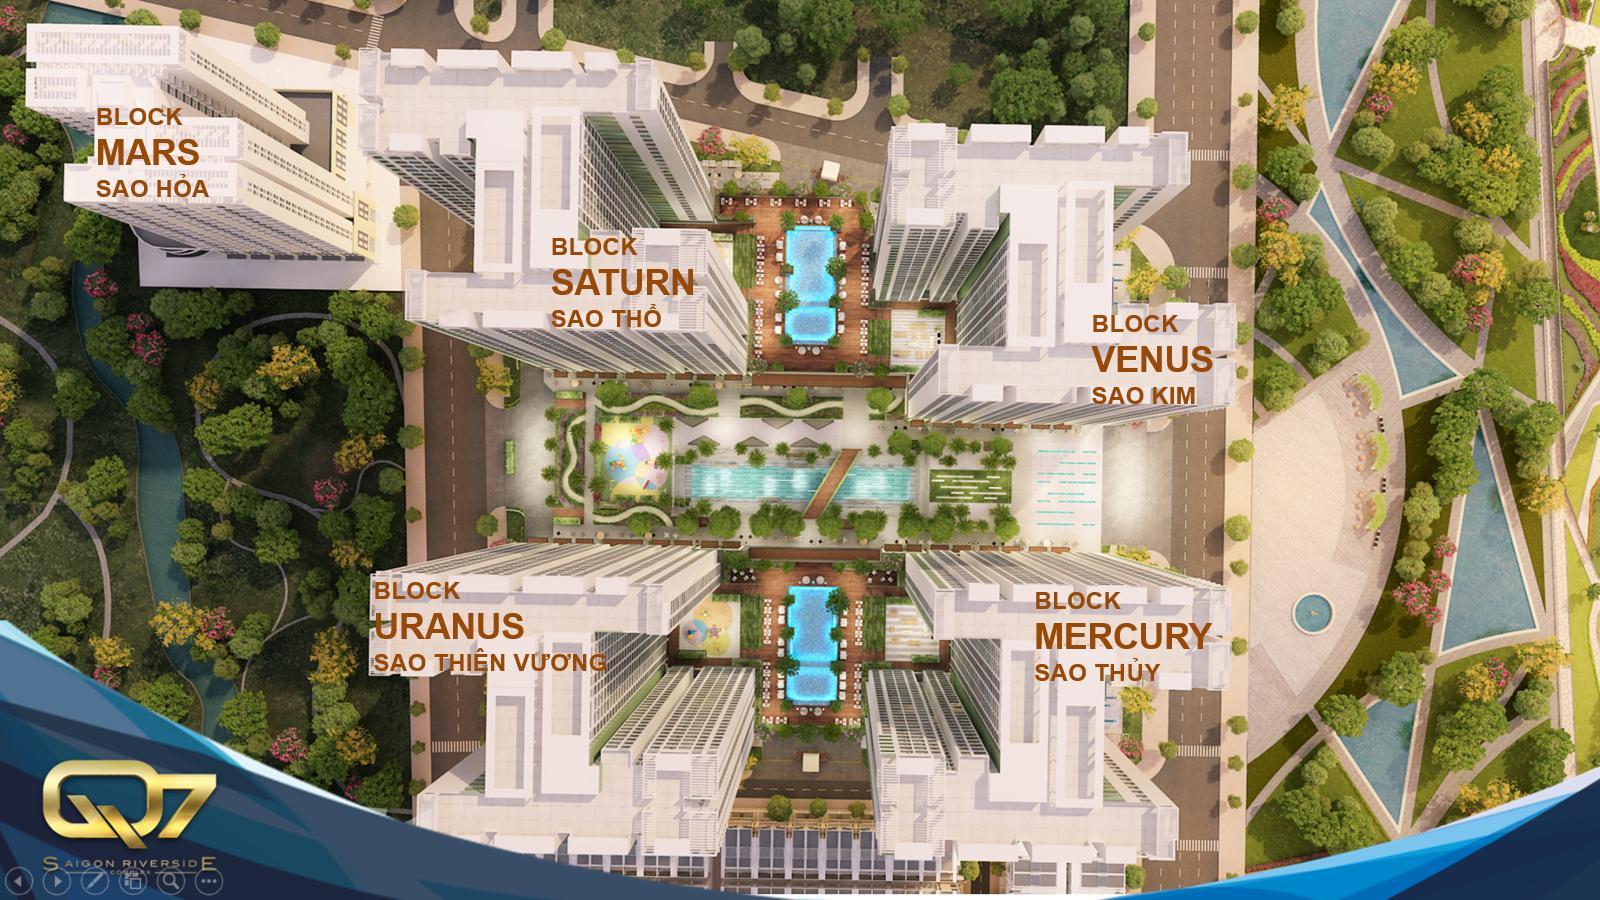 Mặt bằng dự án Q7 Riverside Hưng Thịnh